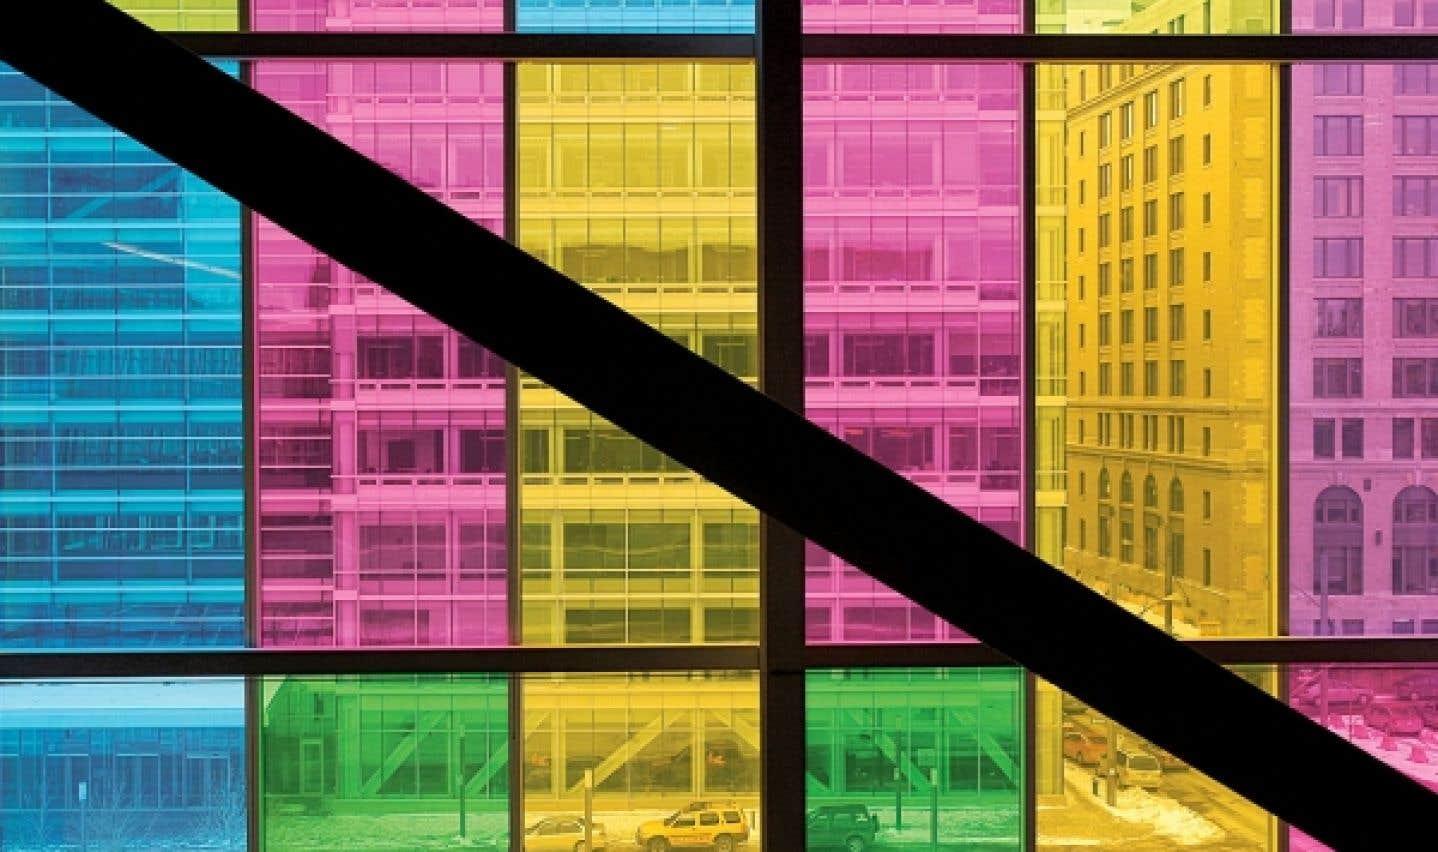 L'Association francophone pour le savoir (Acfas) tiendra son congre?s dans l'espace lumineux du Palais des congre?s de Montre?al, du lundi 7 au vendredi 11 mai 2012.